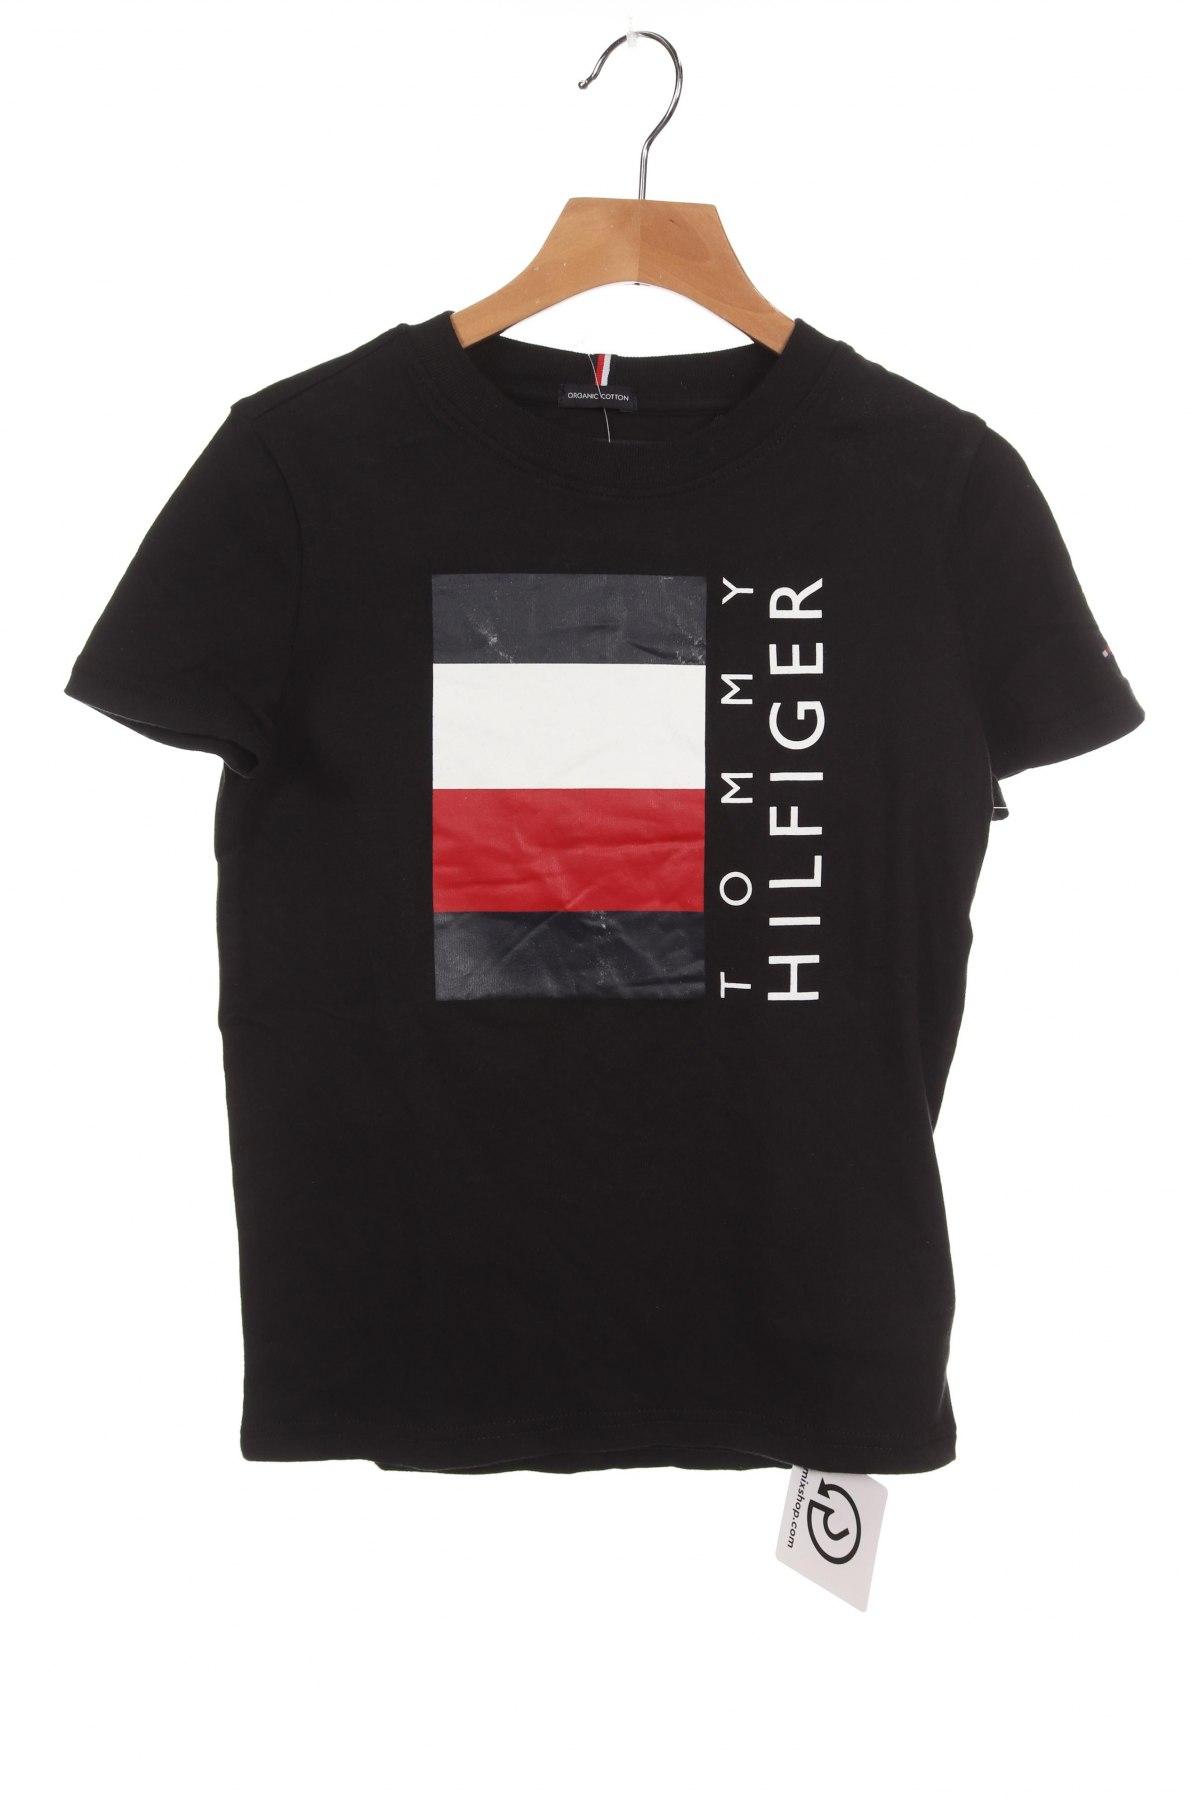 Παιδικό μπλουζάκι Tommy Hilfiger, Μέγεθος 7-8y/ 128-134 εκ., Χρώμα Μαύρο, Βαμβάκι, Τιμή 18,56€